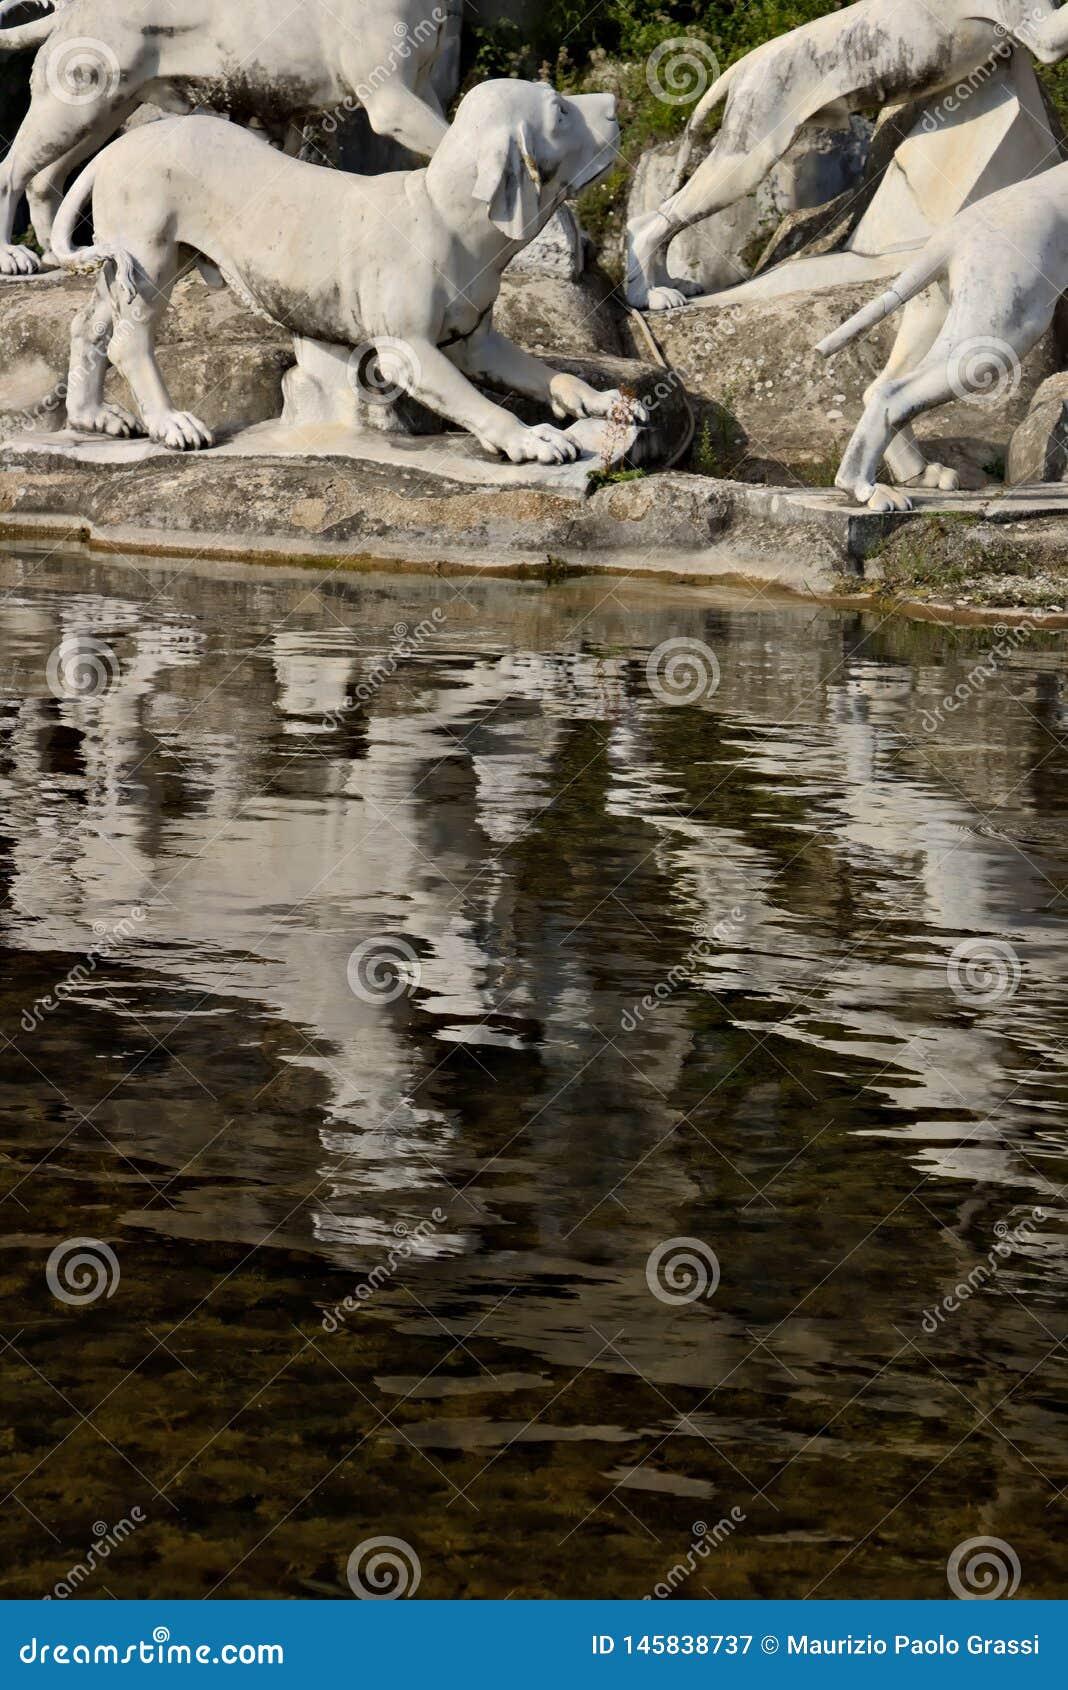 Reggia-Di Caserta, Italien 10/27/2018 Monumentaler Brunnen mit Skulpturen im weißen Marmor